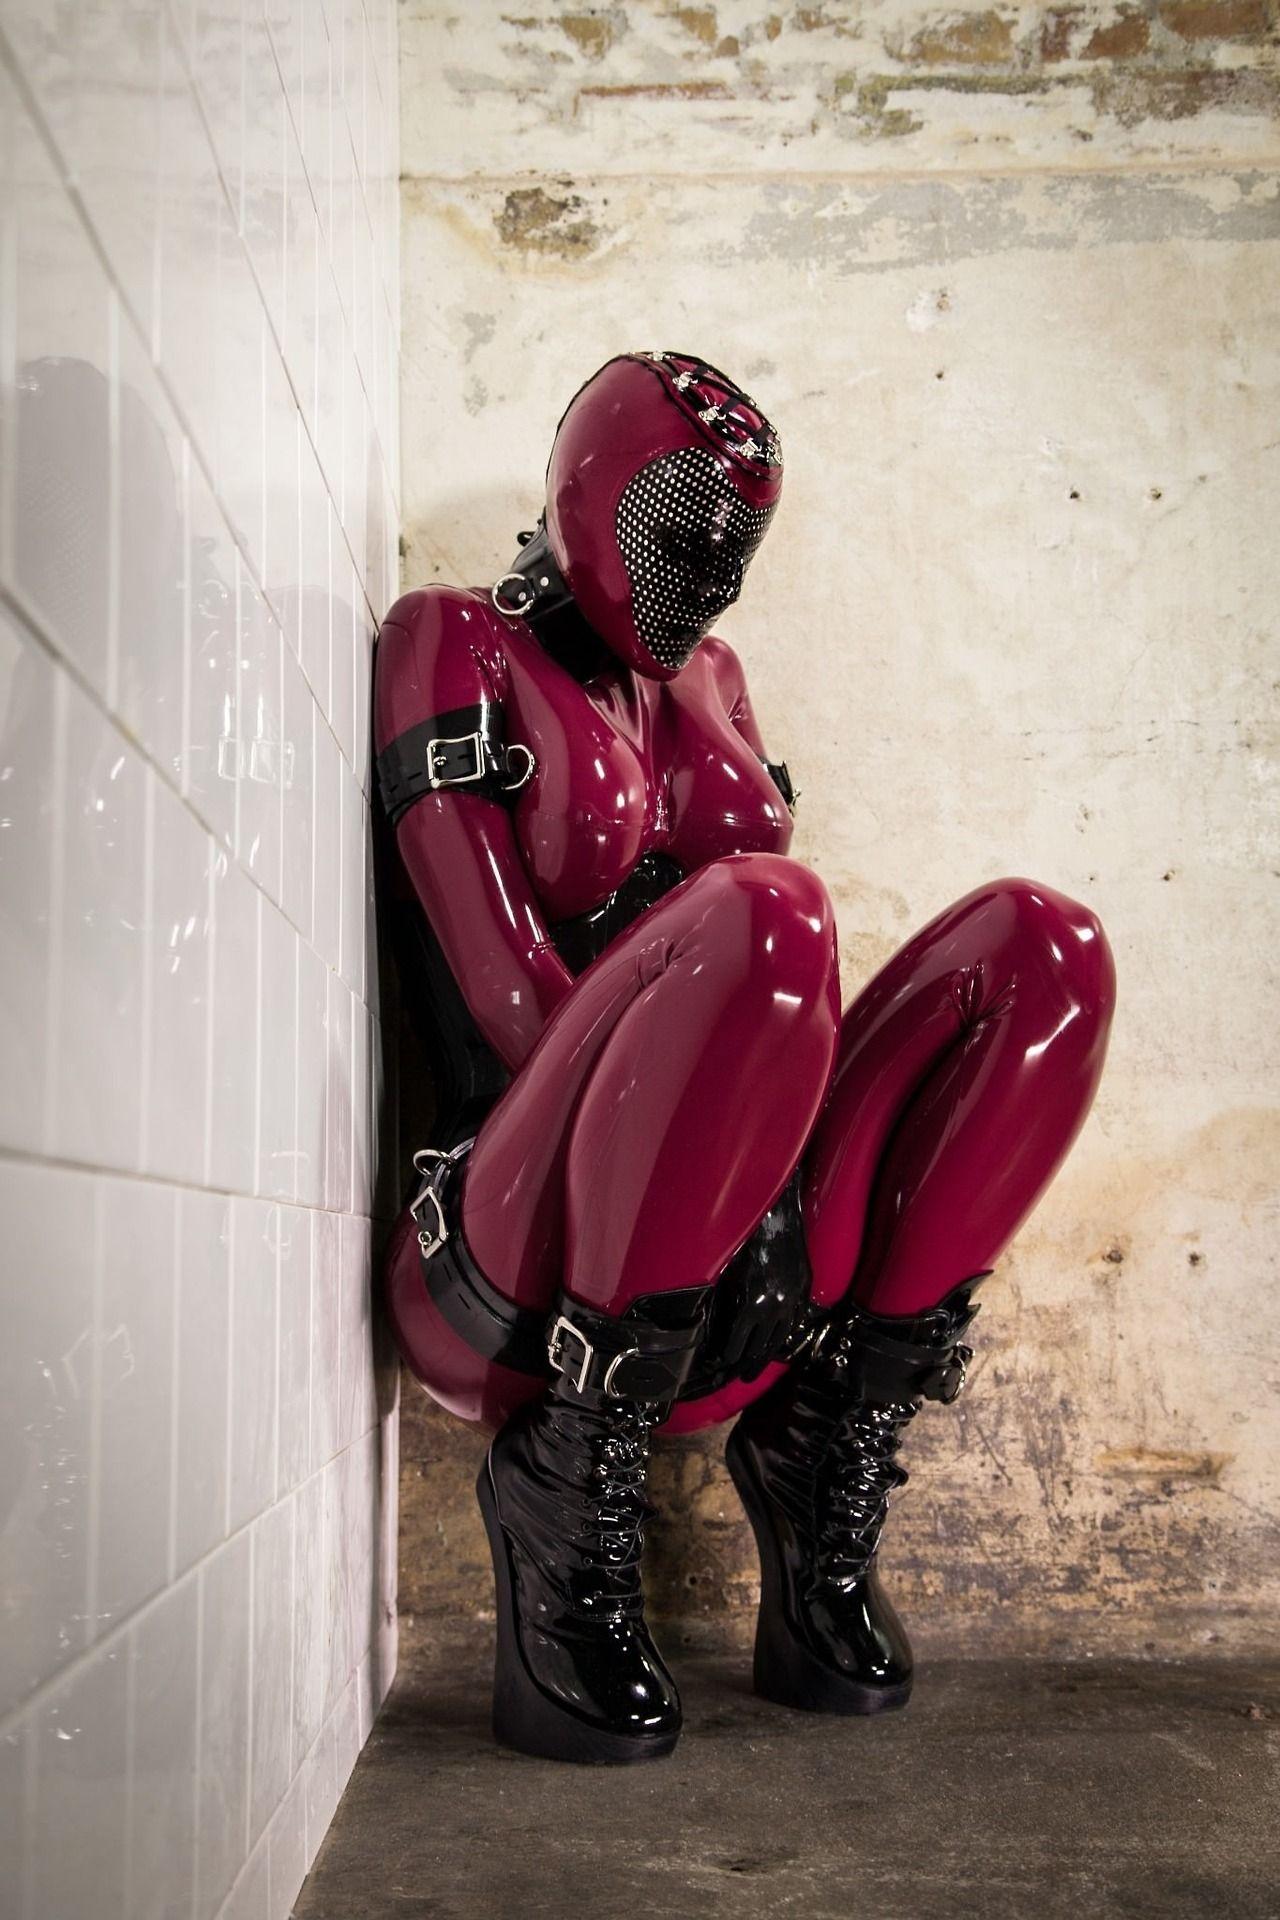 Pittsburgh rubber fetish wear jizz